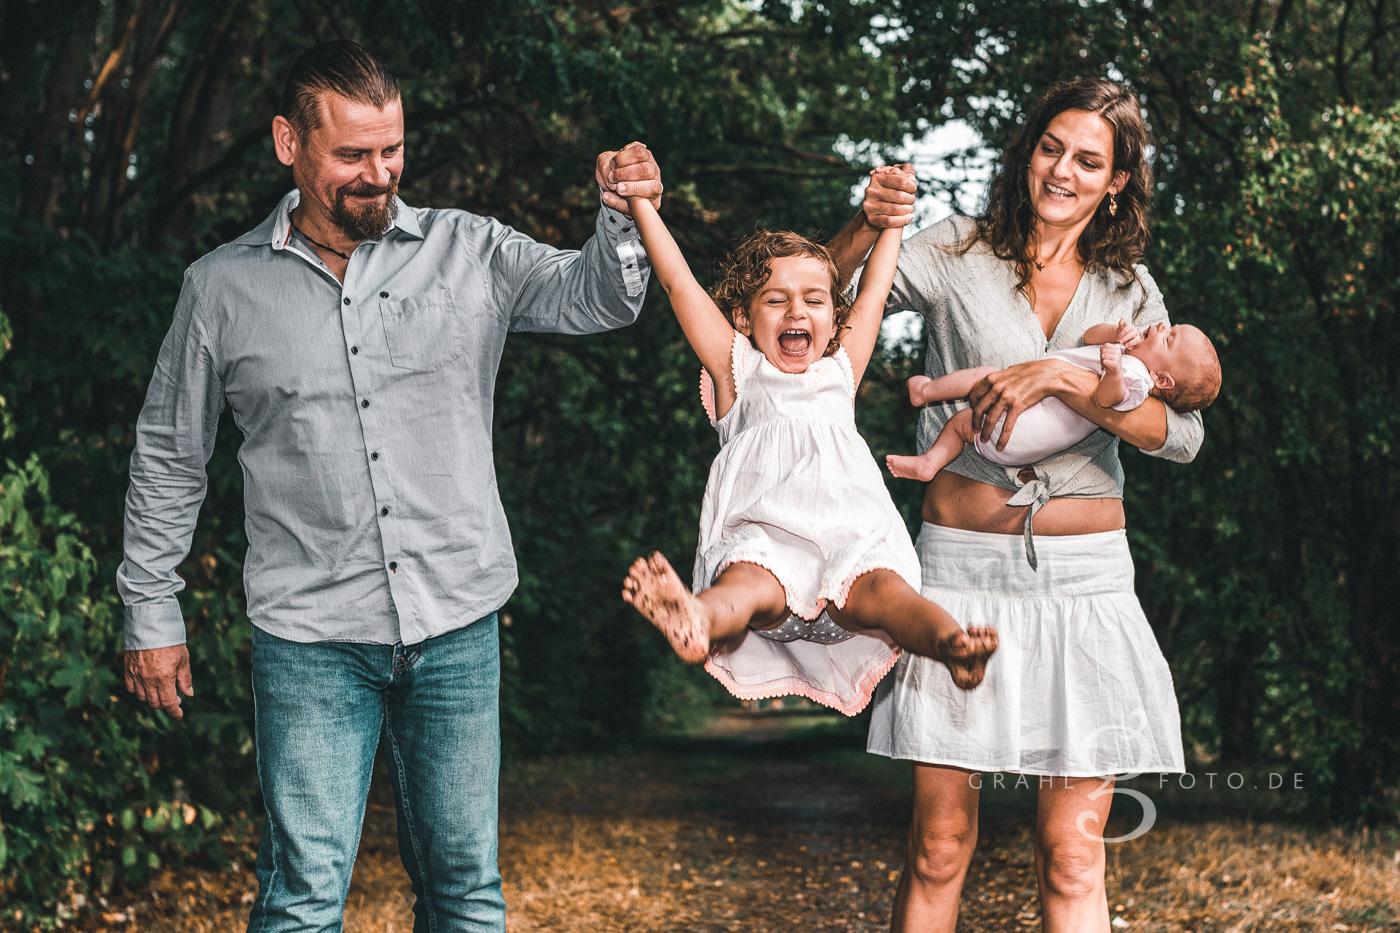 Grahlfoto Familienshooting Fotobeispiel mit Filter